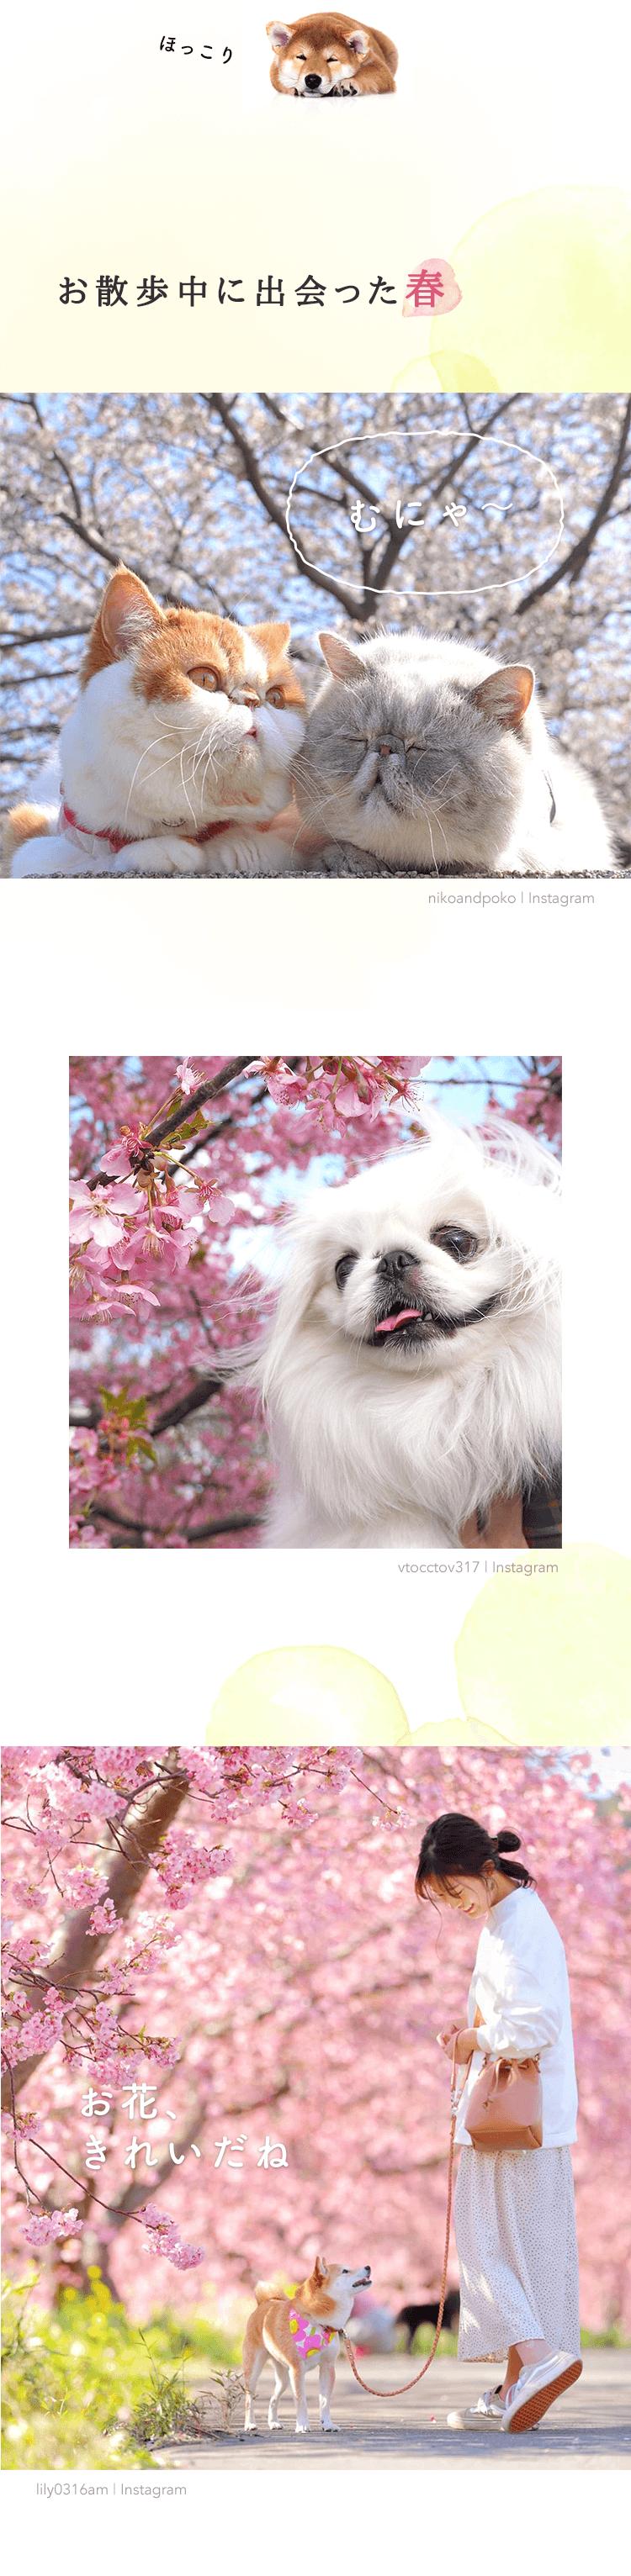 お散歩中に出会った春。